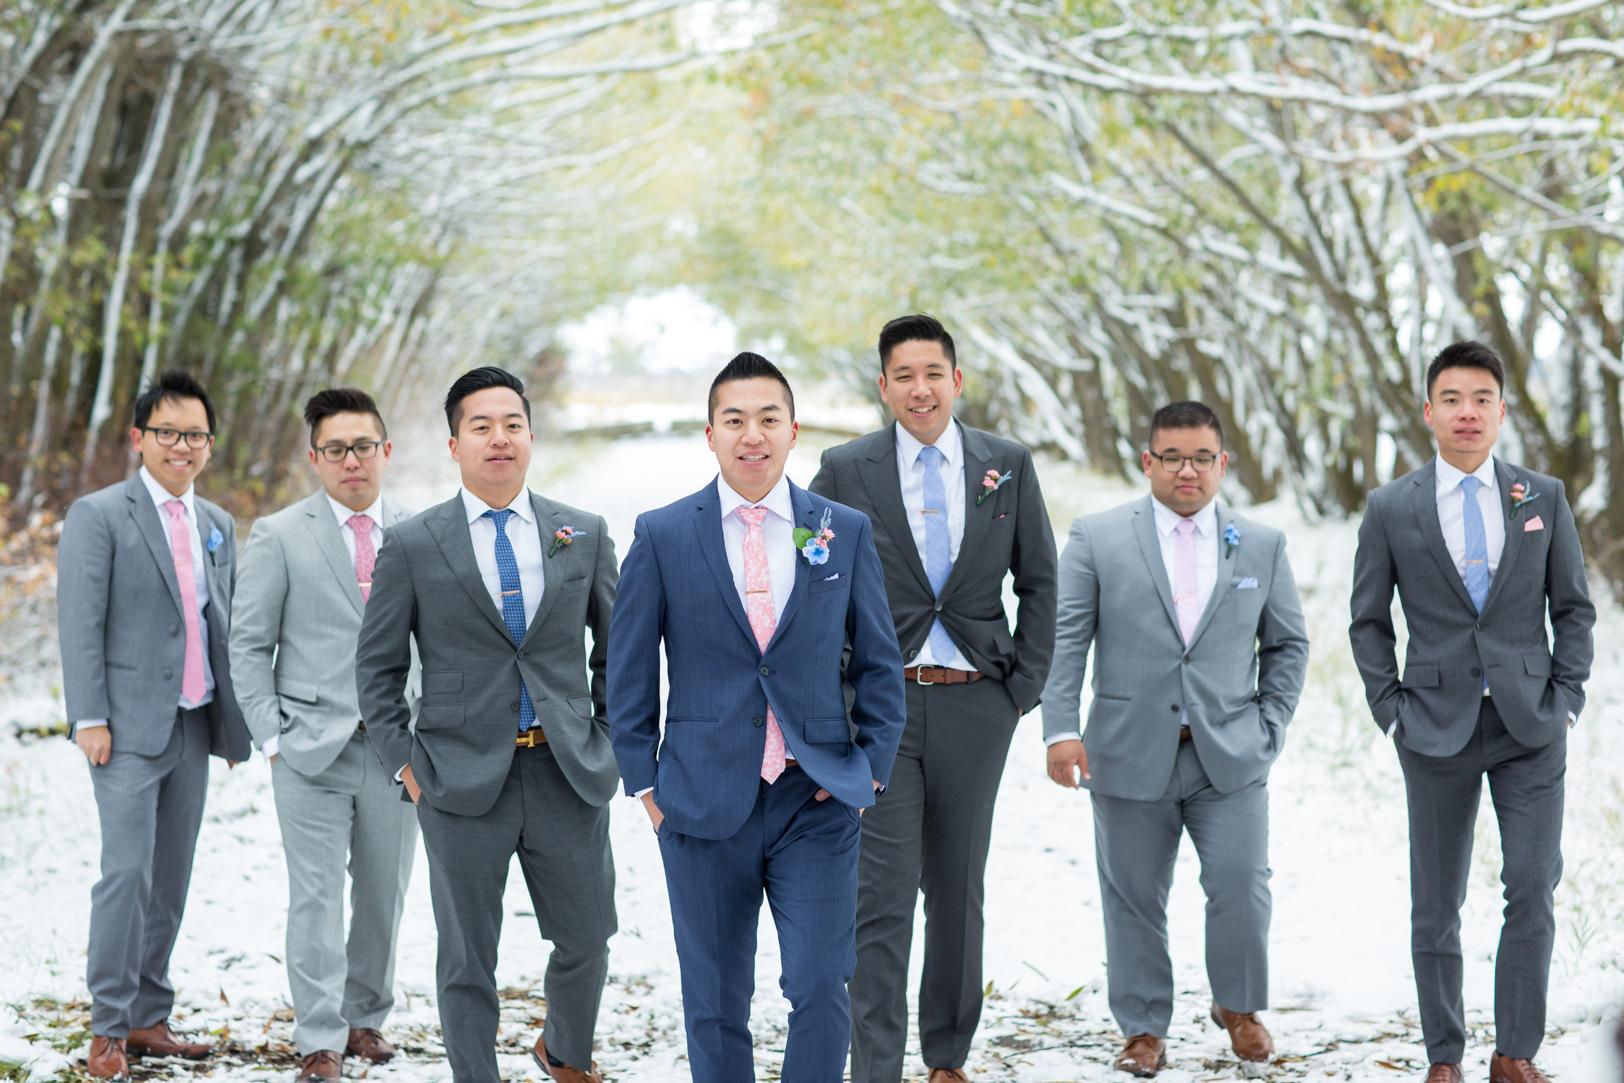 Groomsmen At An Edmonton Autumn Wedding